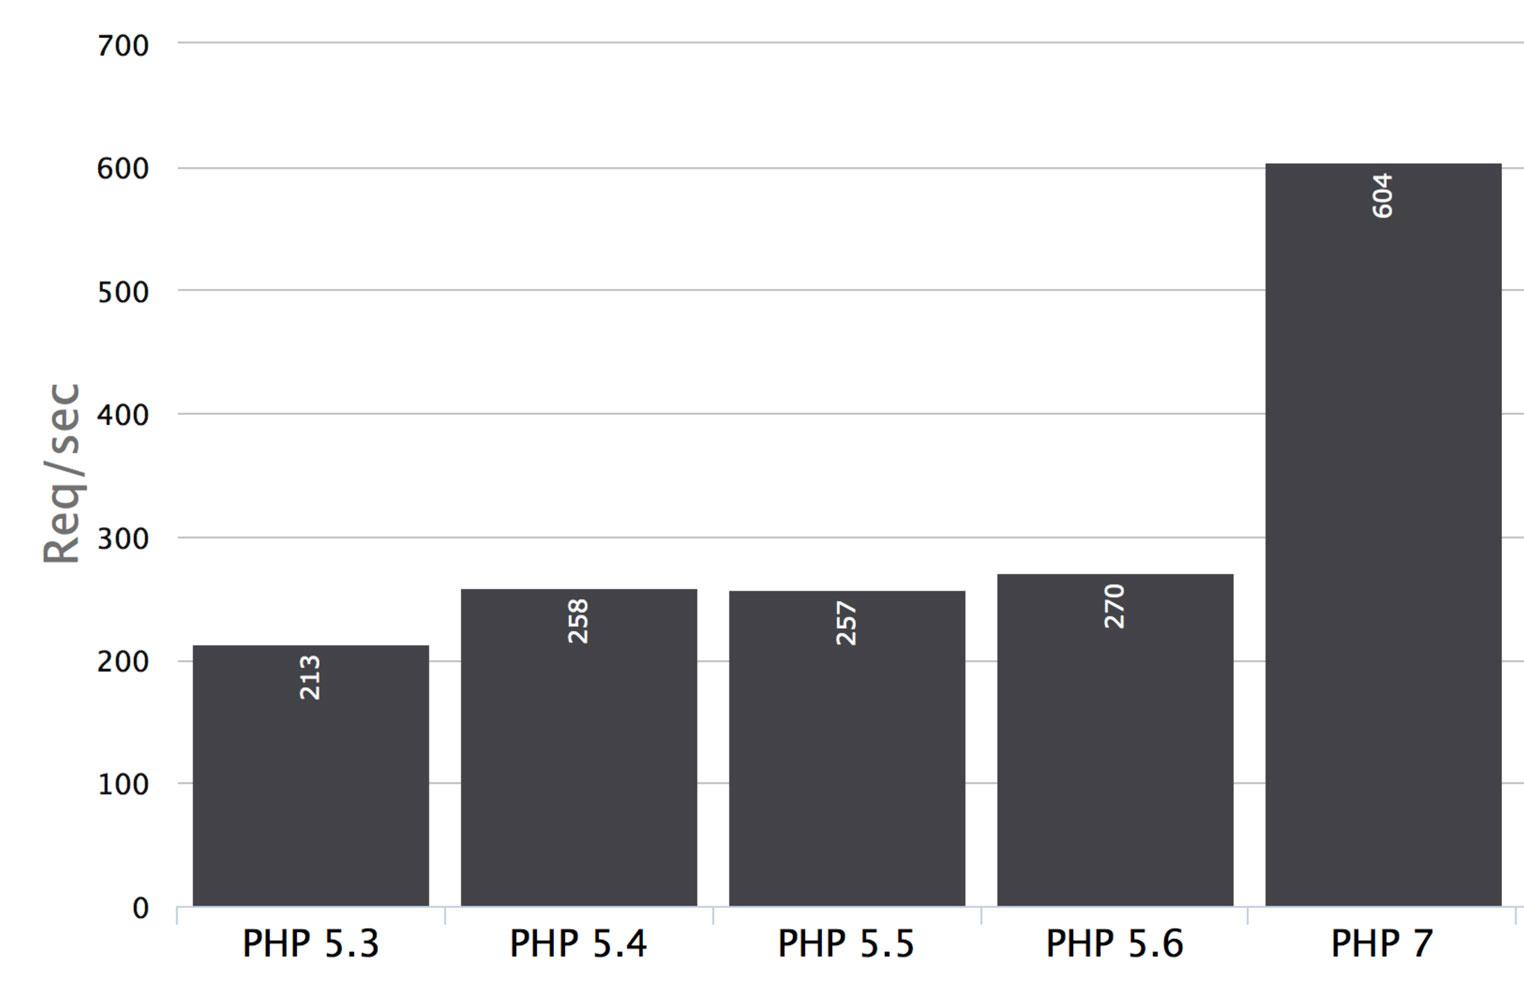 e294b1236456 A fenti diagramot megtekintve brutális különbséget láthatunk a PHP 5.x és  7-es verziói között. Sajnos ez nem részletezte a PHP 7.0-7.1-7.2  eltéréseit, ...